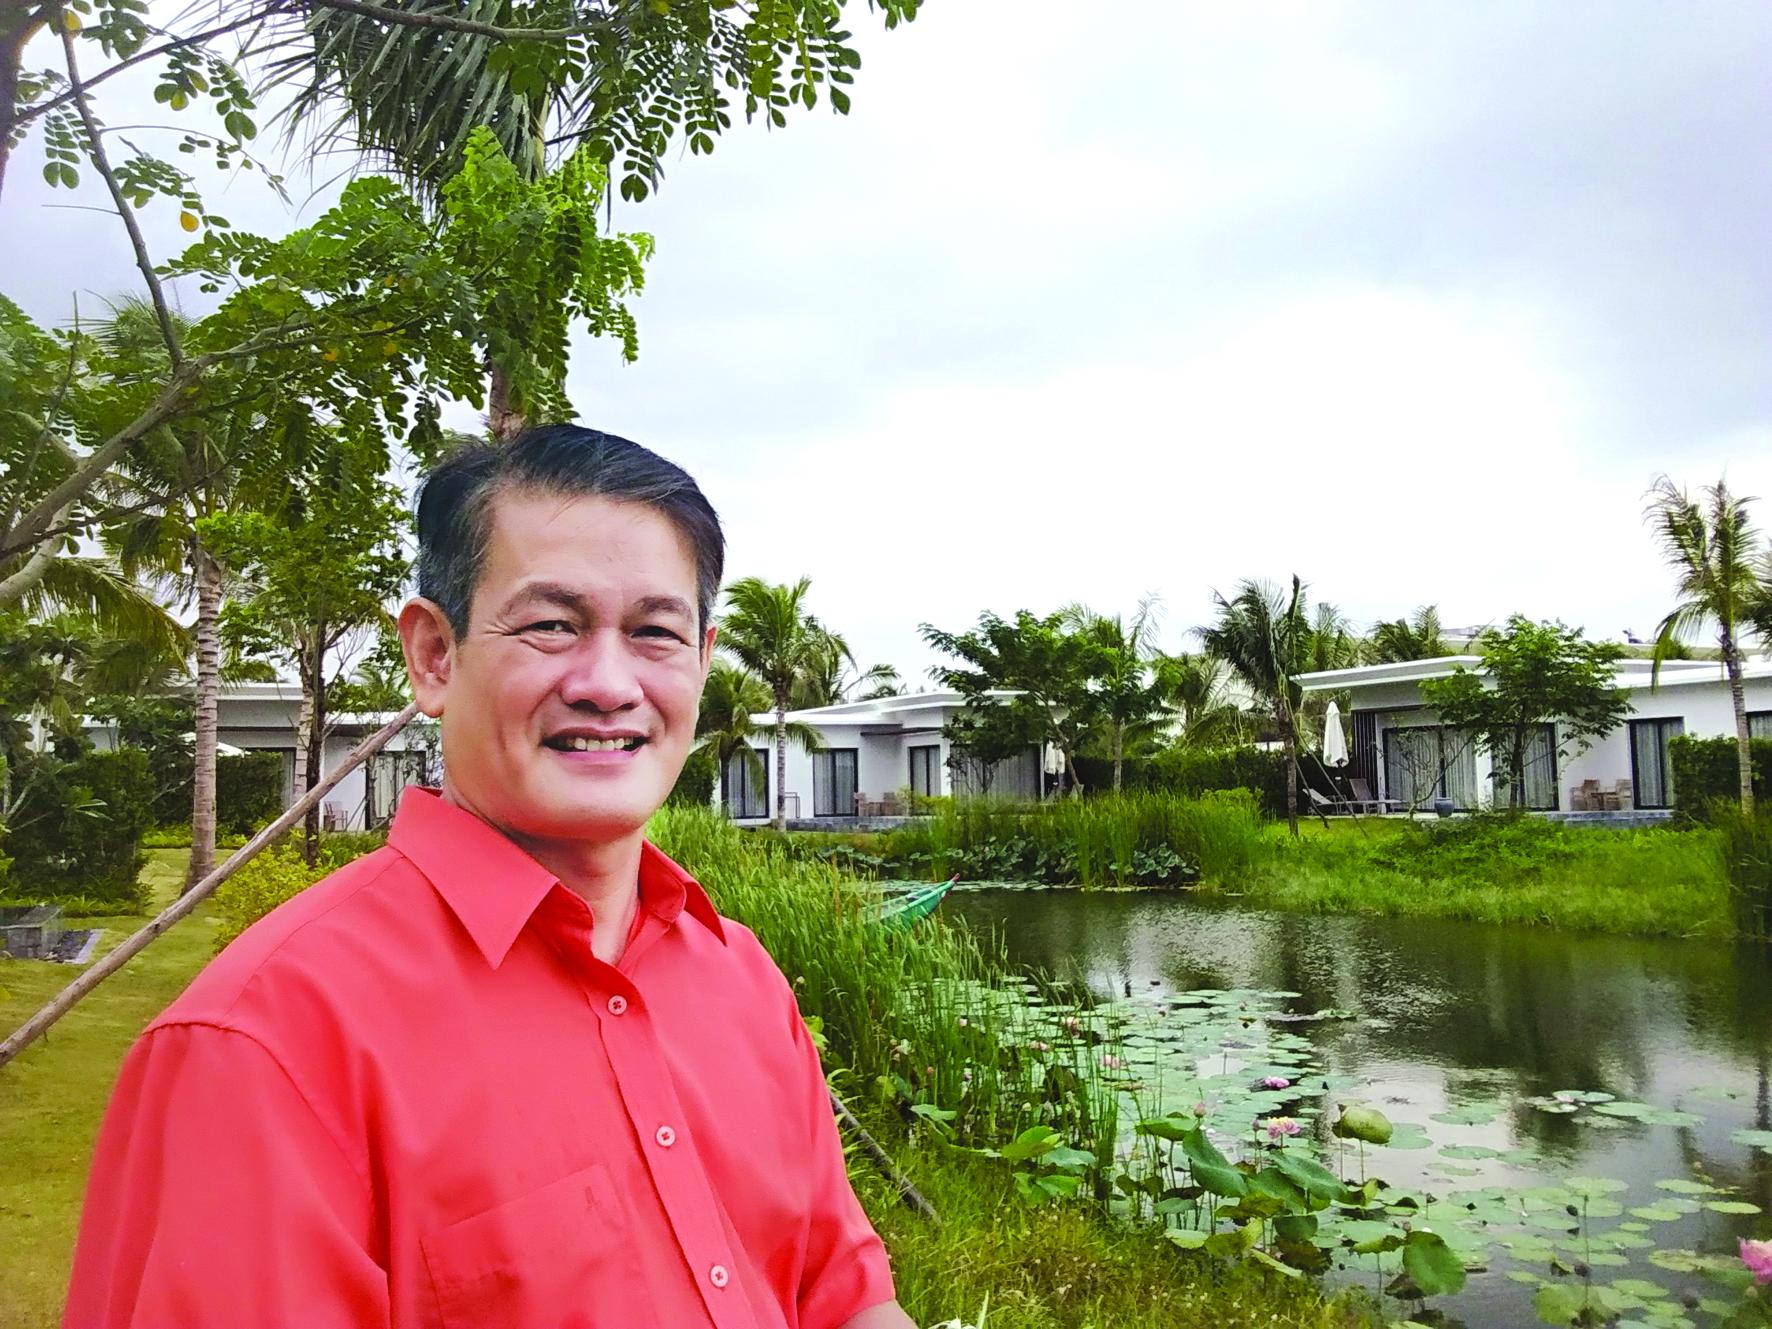 Kiến trúc sư Ngô Viết Nam Sơn